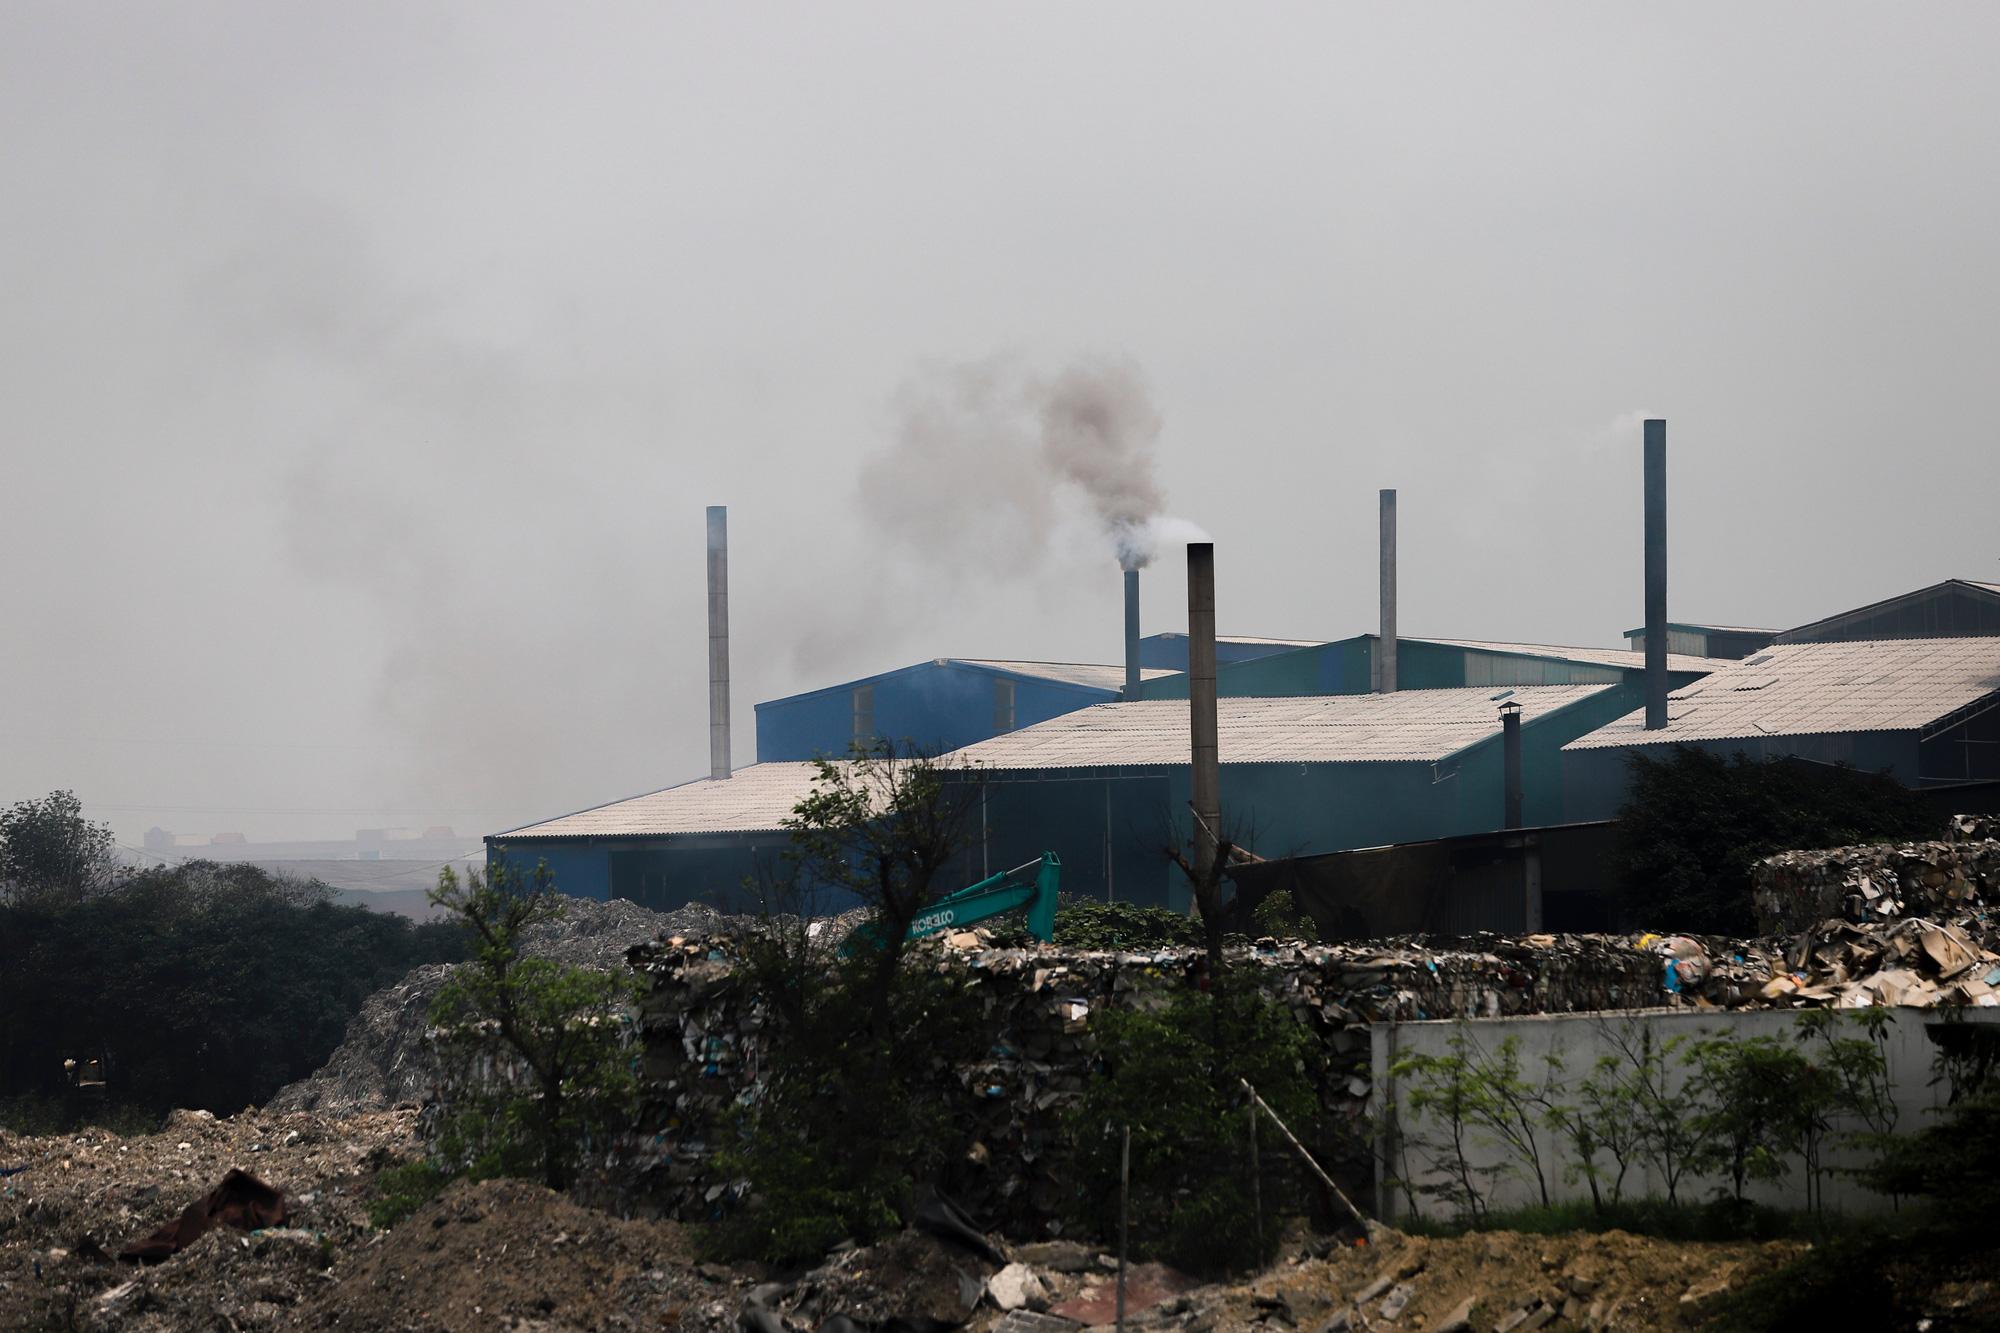 Bắc Ninh: Xử lý hình sự các trường hợp chống đối, gây ô nhiễm môi trường kinh hoàng ở làng giấy Phong Khê - Ảnh 2.